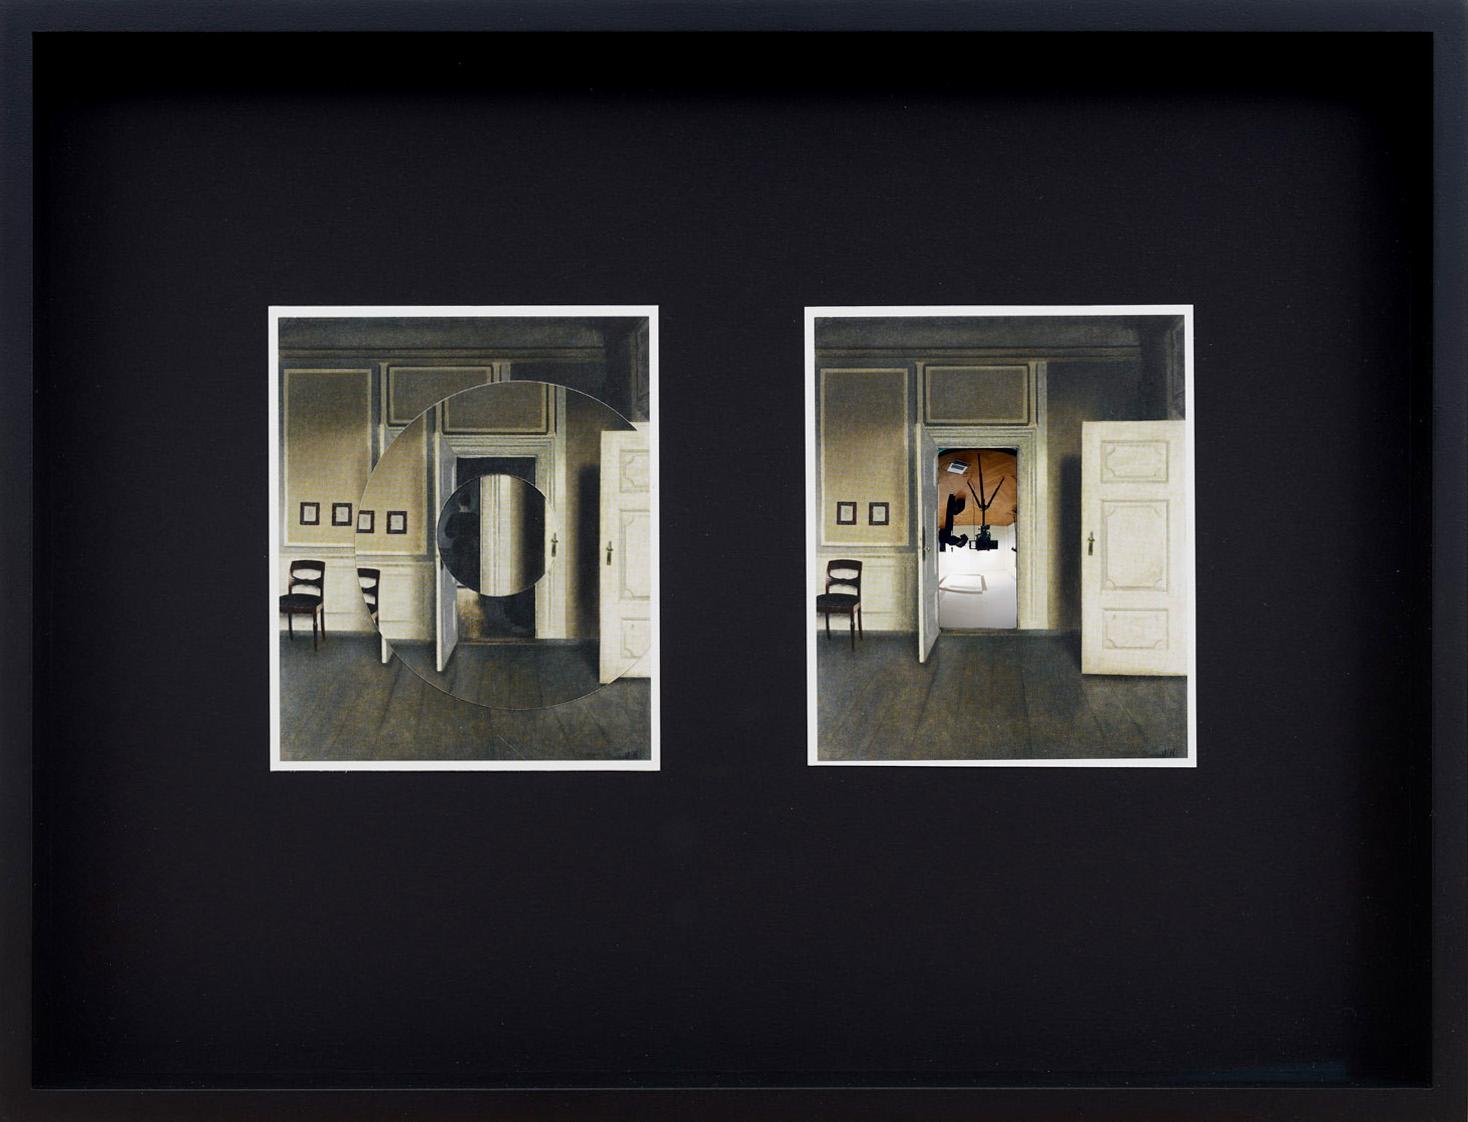 ULRICH VOGL | Hammershoi 3, 29,5 x 38,5 cm, 2017, Postkartencollage